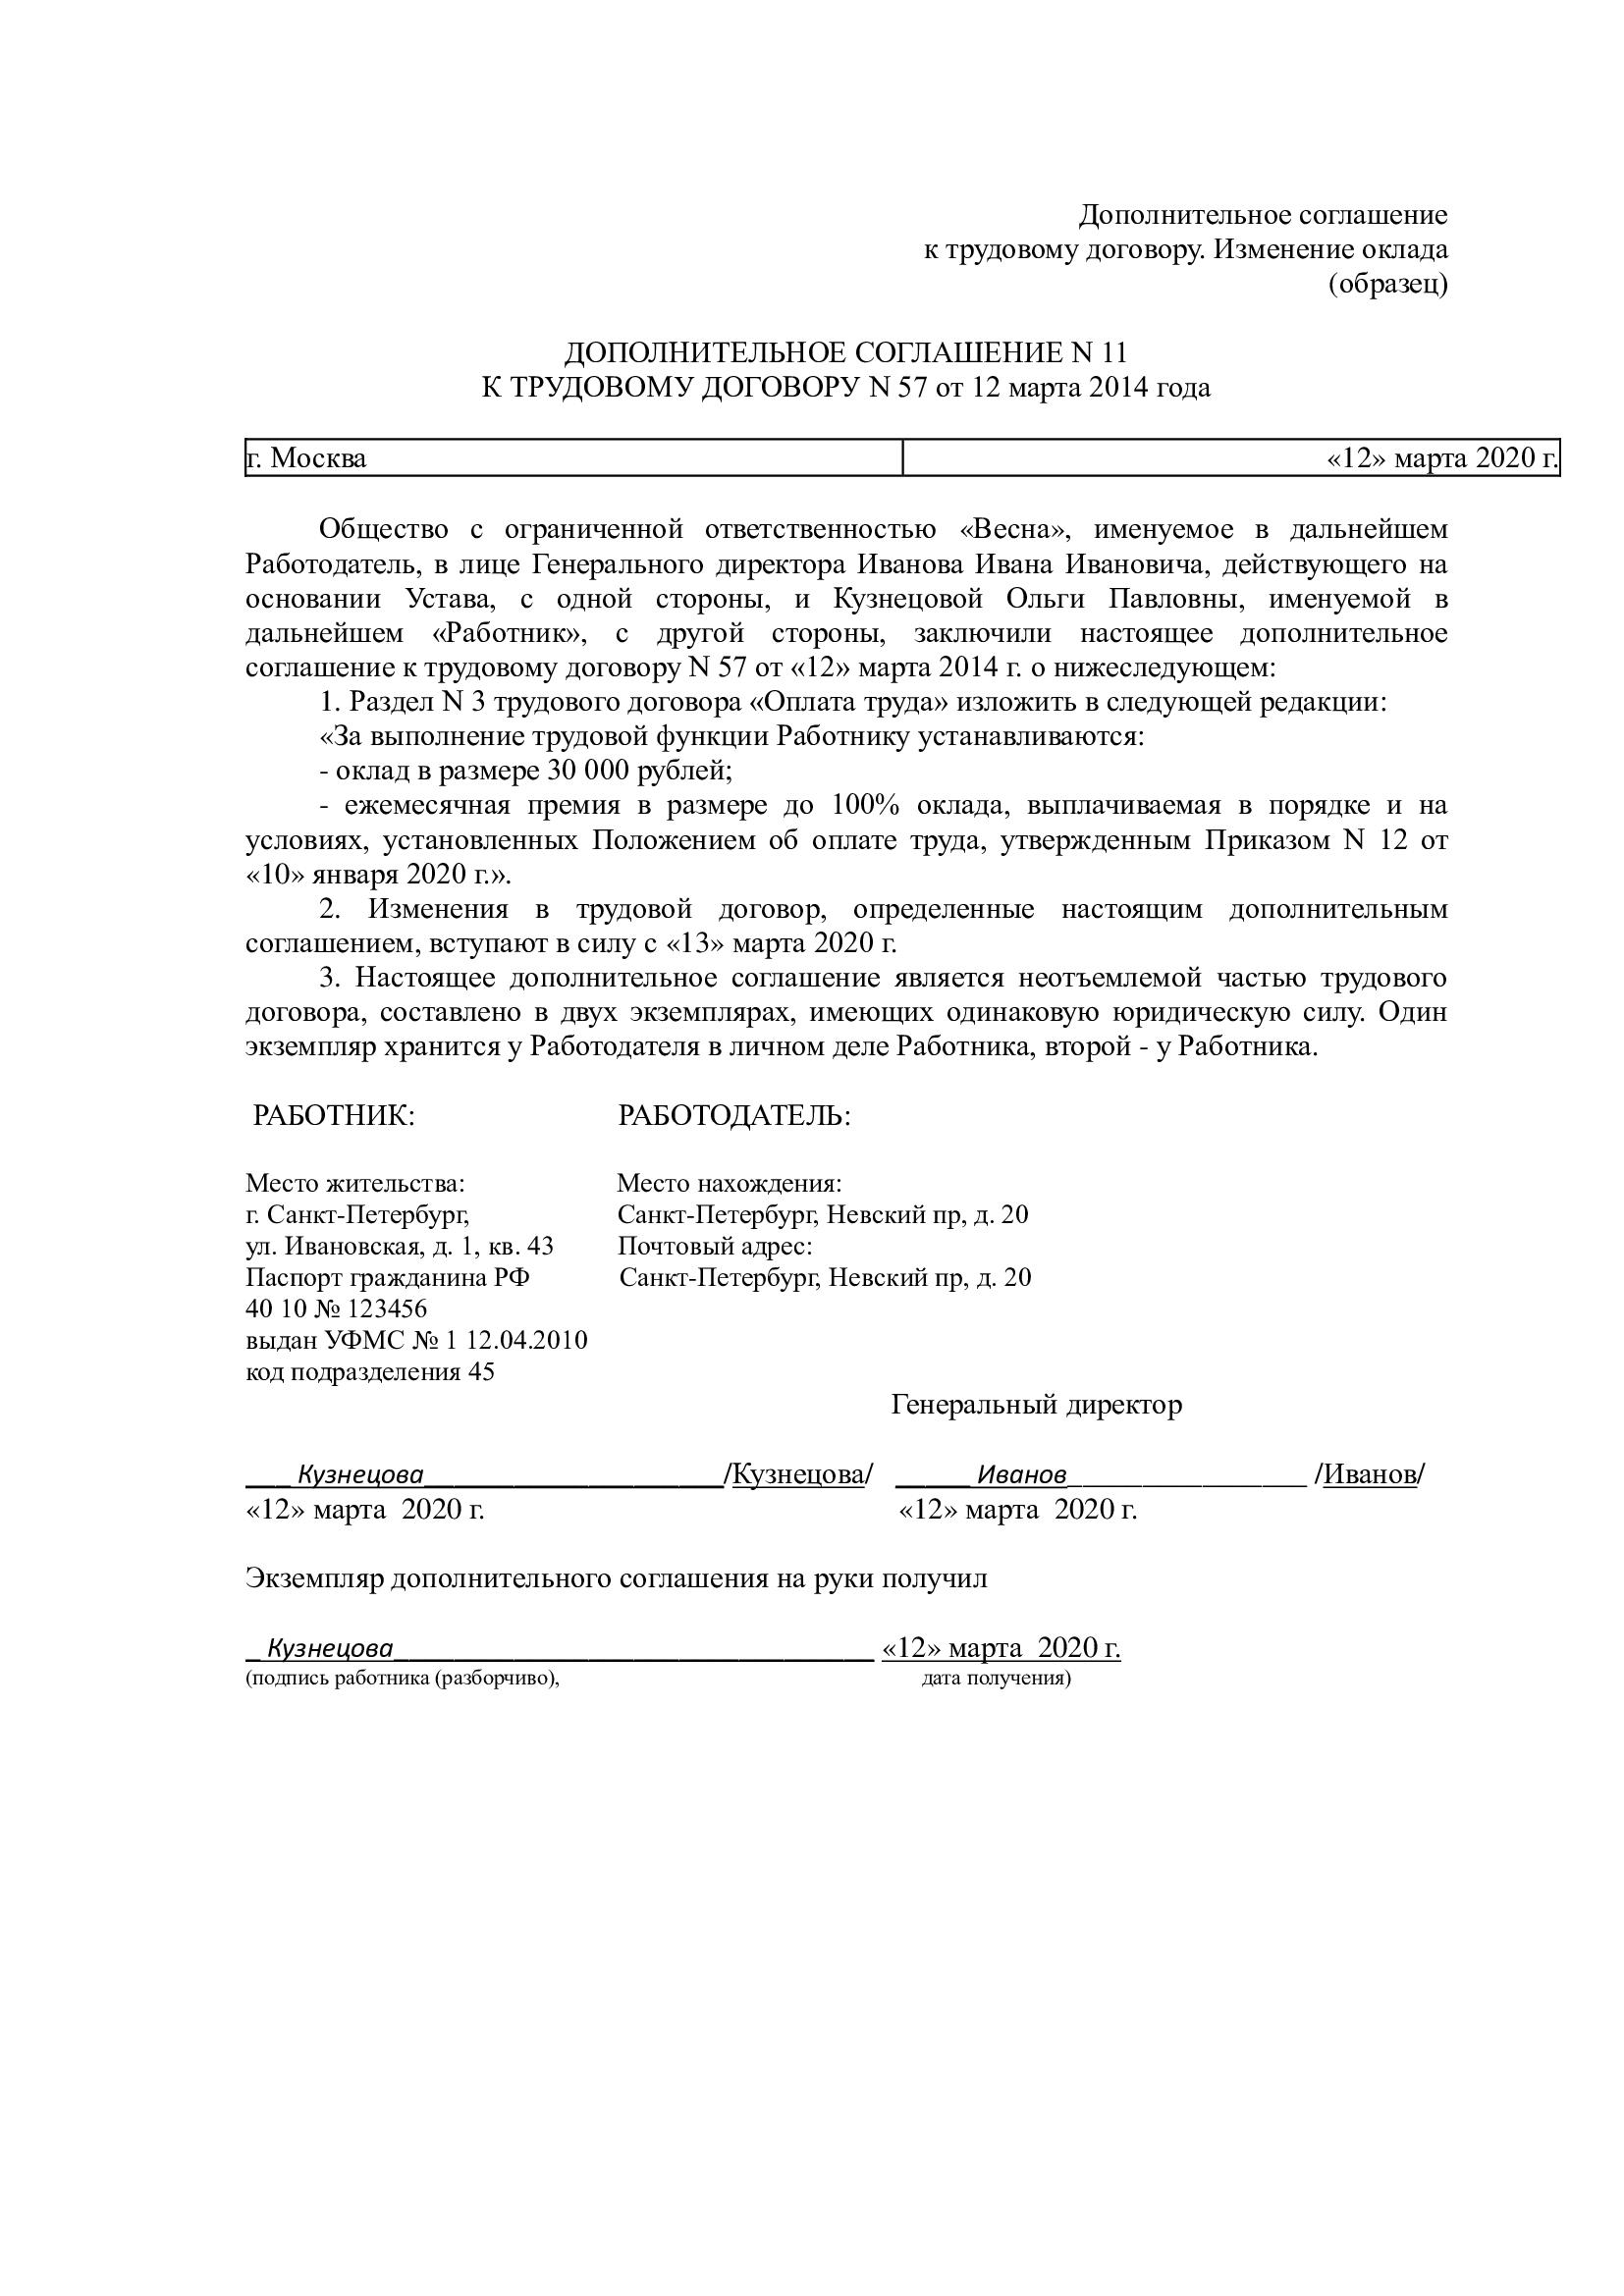 Допсоглашение_оклад